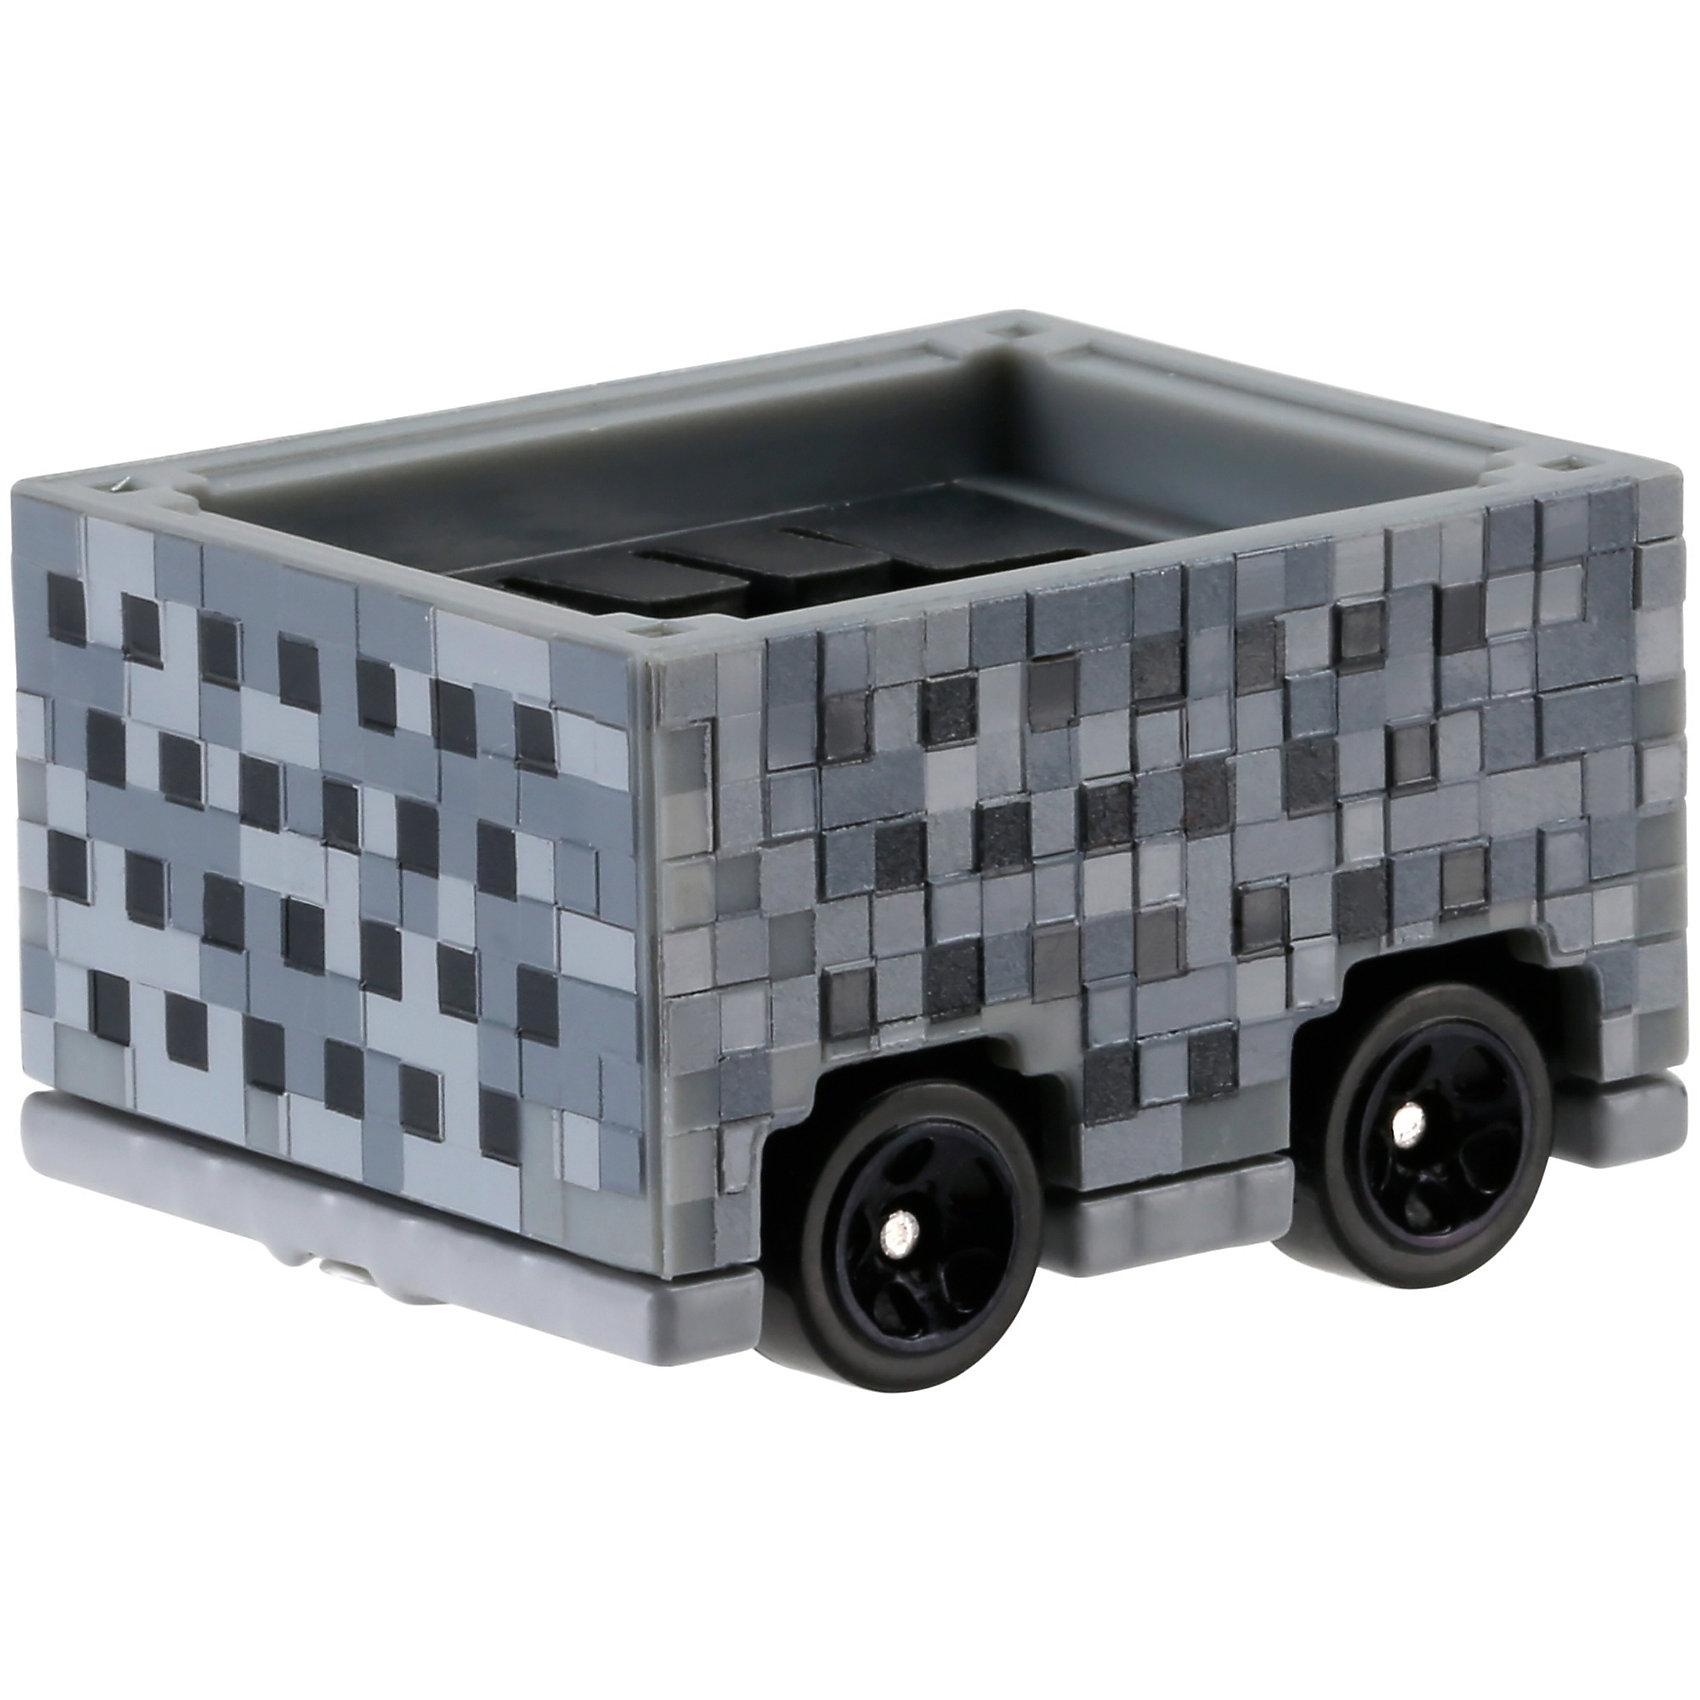 Машинка Hot Wheels из базовой коллекцииМашинки<br>Машинка Hot Wheels из базовой коллекции – высококачественная масштабная модель машины, имеющая неординарный, радикальный дизайн. <br><br>В упаковке 1 машинка,  машинки тематически обусловлены от фантазийных, спасательных до экстремальных и просто скоростных машин. <br><br>Соберите свою коллекцию машинок Hot Wheels!<br><br>Дополнительная информация: <br><br>Машинка стандартного размера Hot Wheels<br>Размер упаковки: 11 х 10,5 х 3,5 см<br><br>Ширина мм: 110<br>Глубина мм: 45<br>Высота мм: 110<br>Вес г: 30<br>Возраст от месяцев: 36<br>Возраст до месяцев: 96<br>Пол: Мужской<br>Возраст: Детский<br>SKU: 4901775